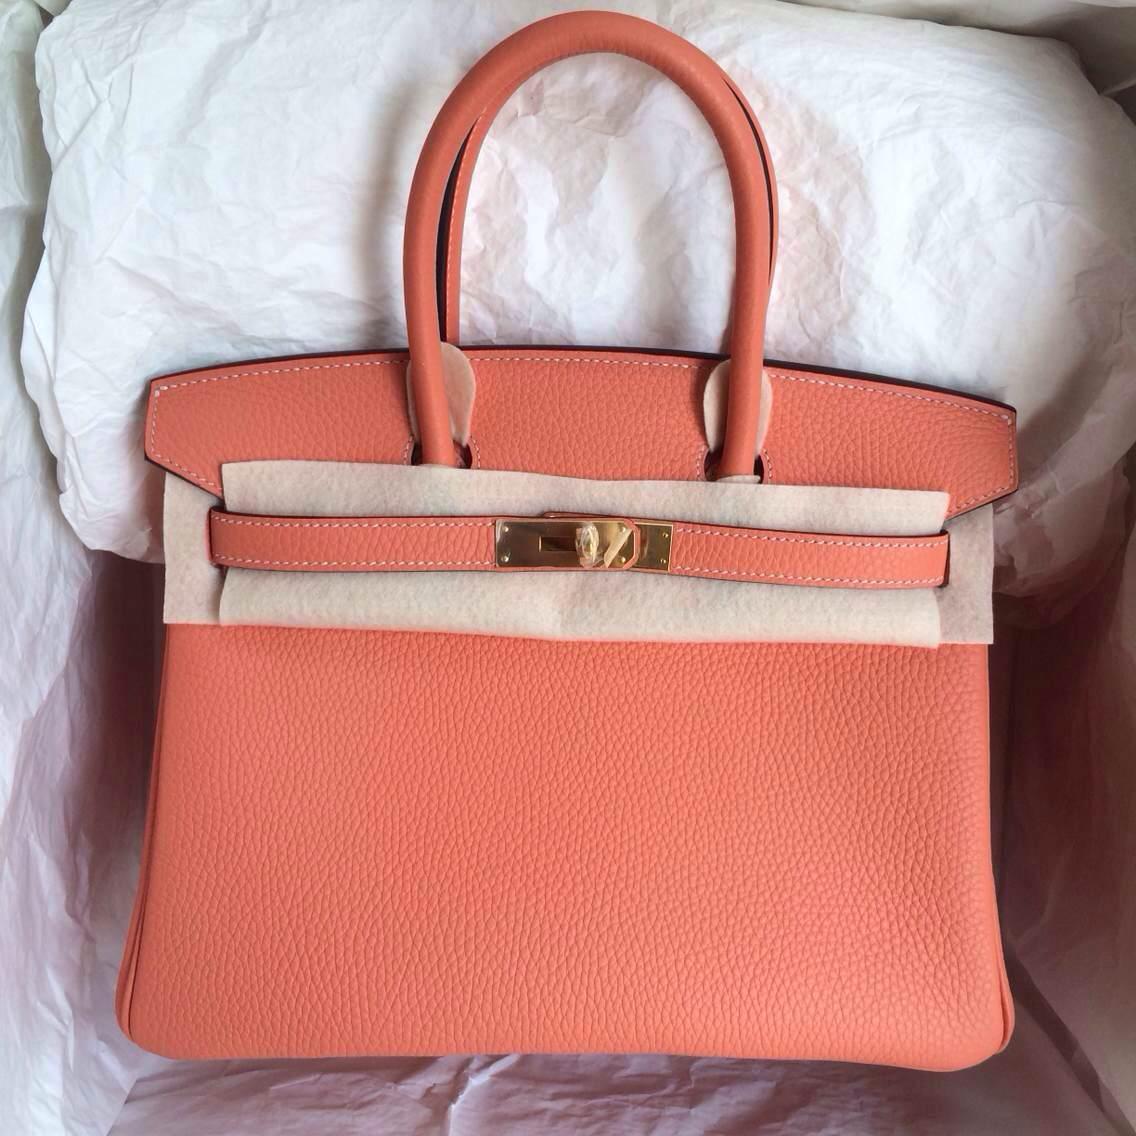 New Hermes Birkin30 L5 Crevette Pink Togo Leather Gold/Silver Hardware